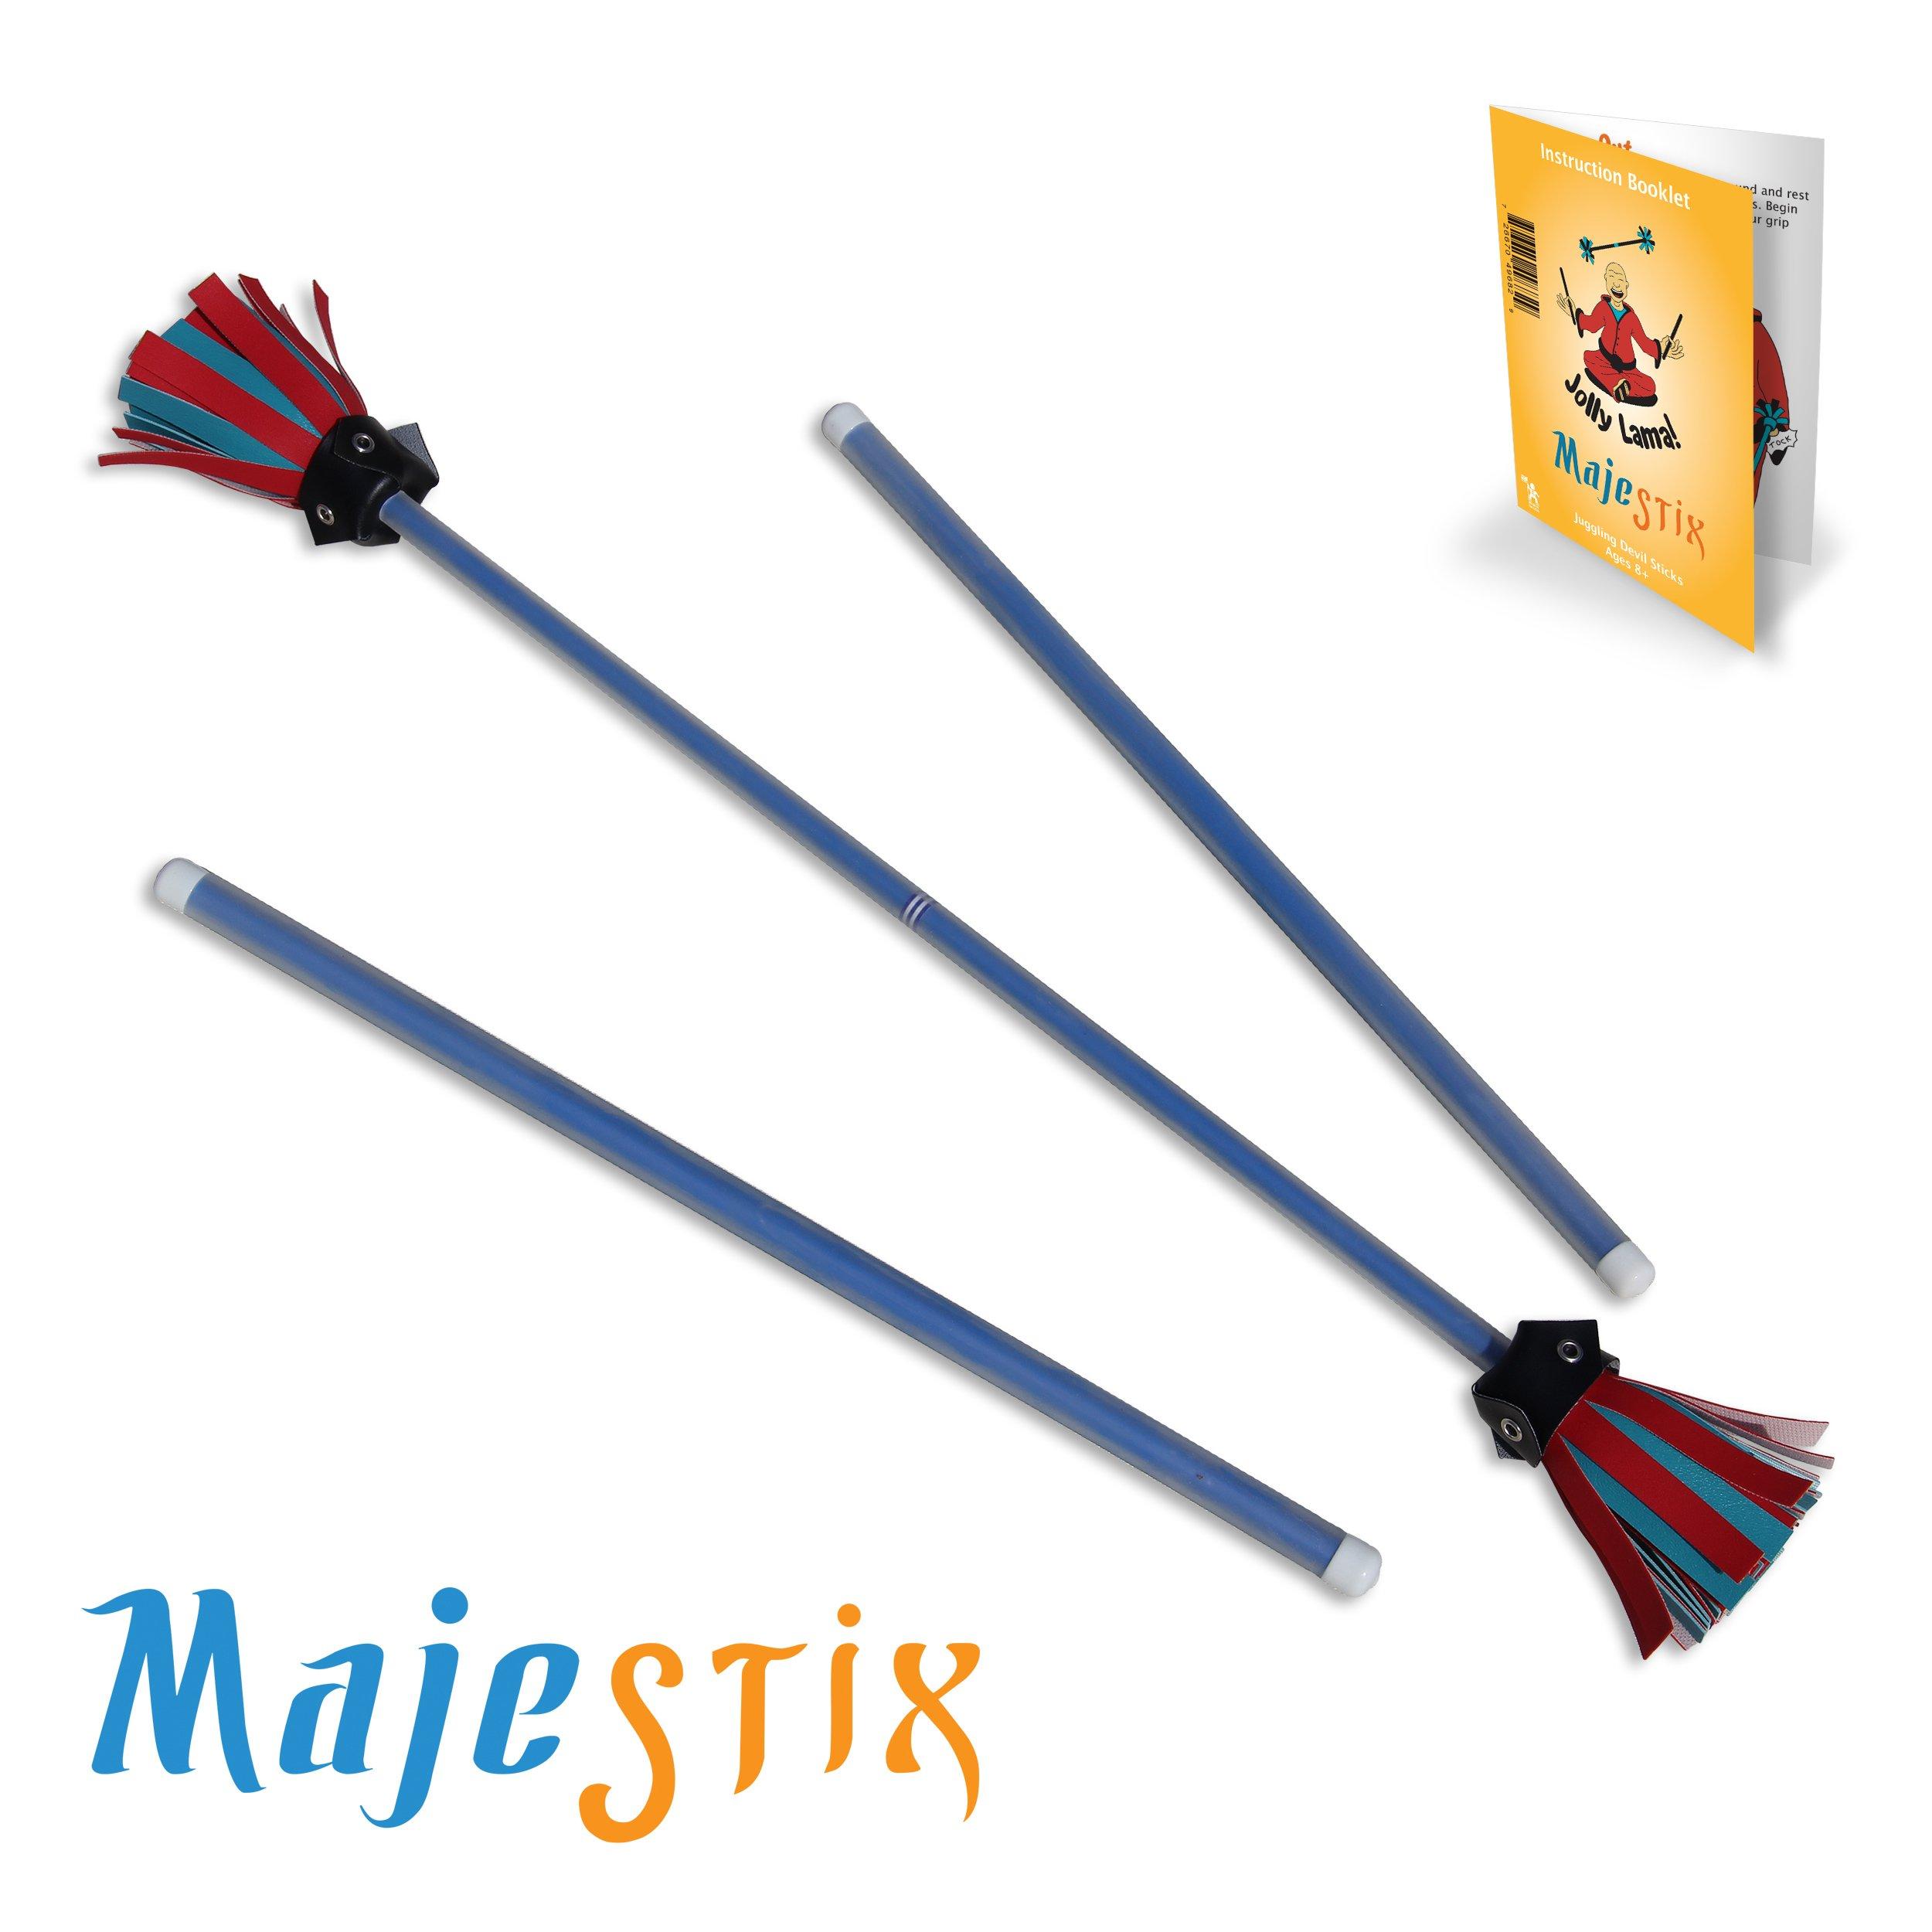 Blue Majestix Juggling Sticks Devil Sticks by Jolly Lama! (Image #1)